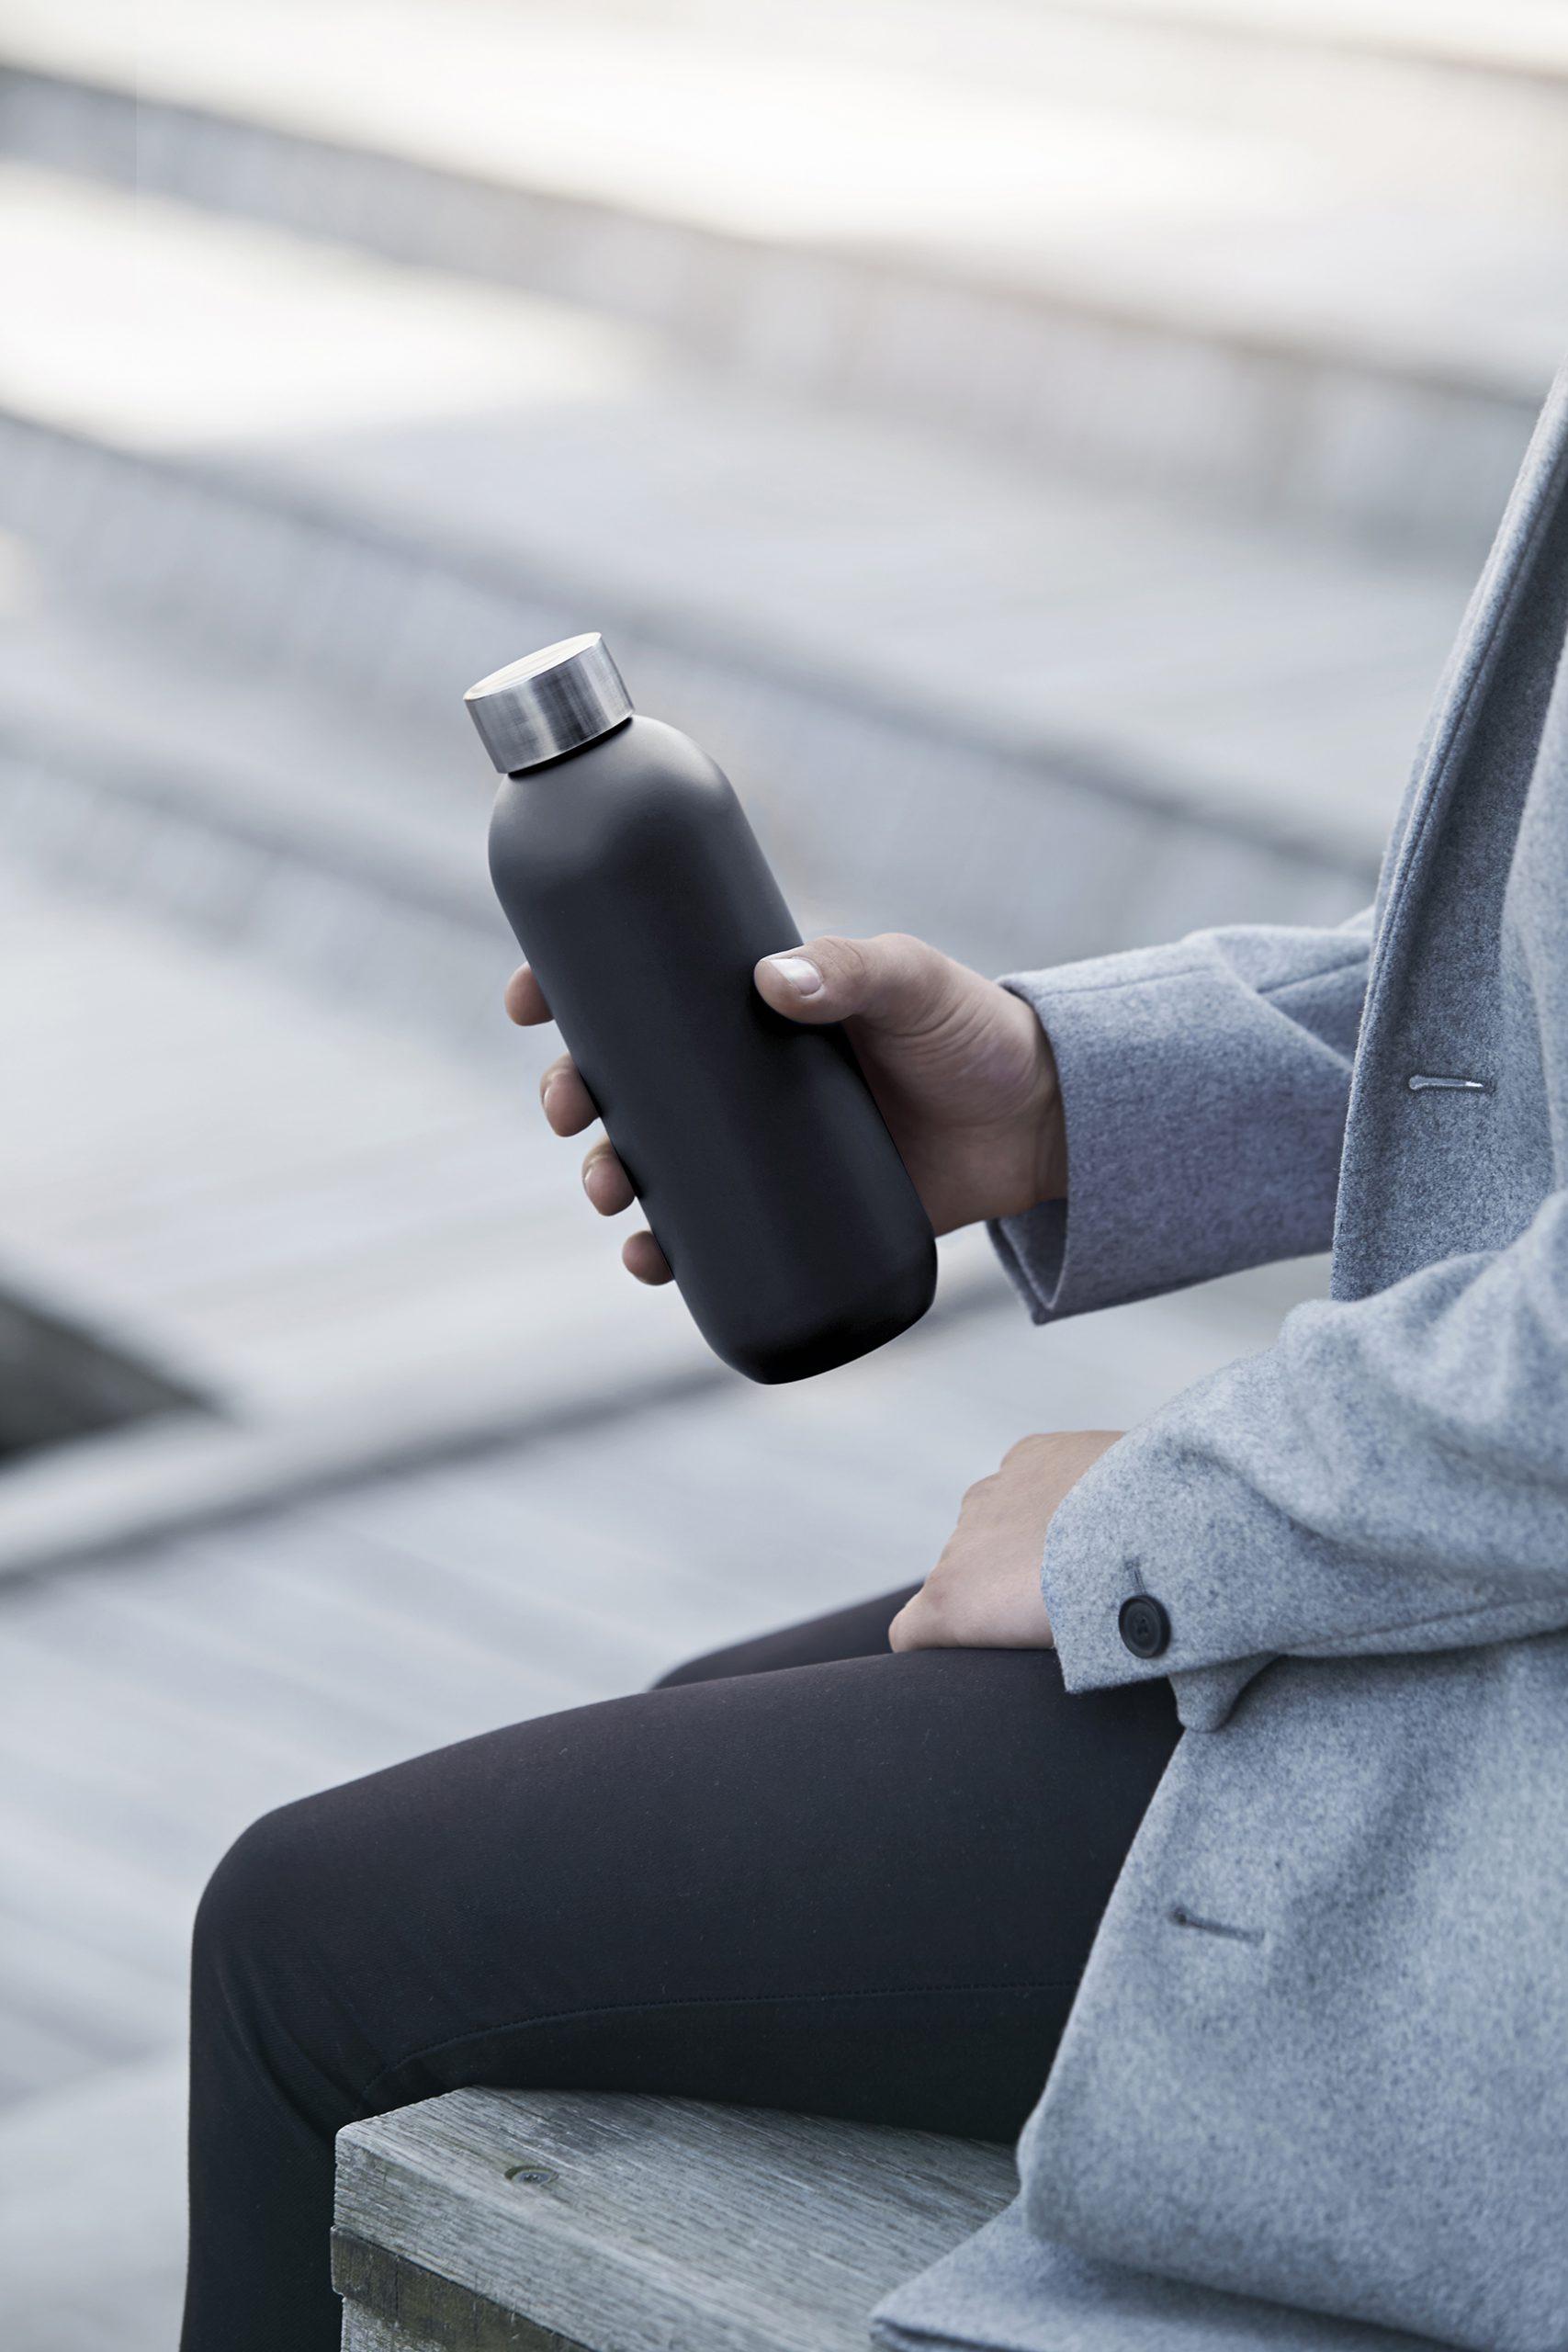 Outdoor Keep Cool bottle by Debiasi Sandri for Stelton